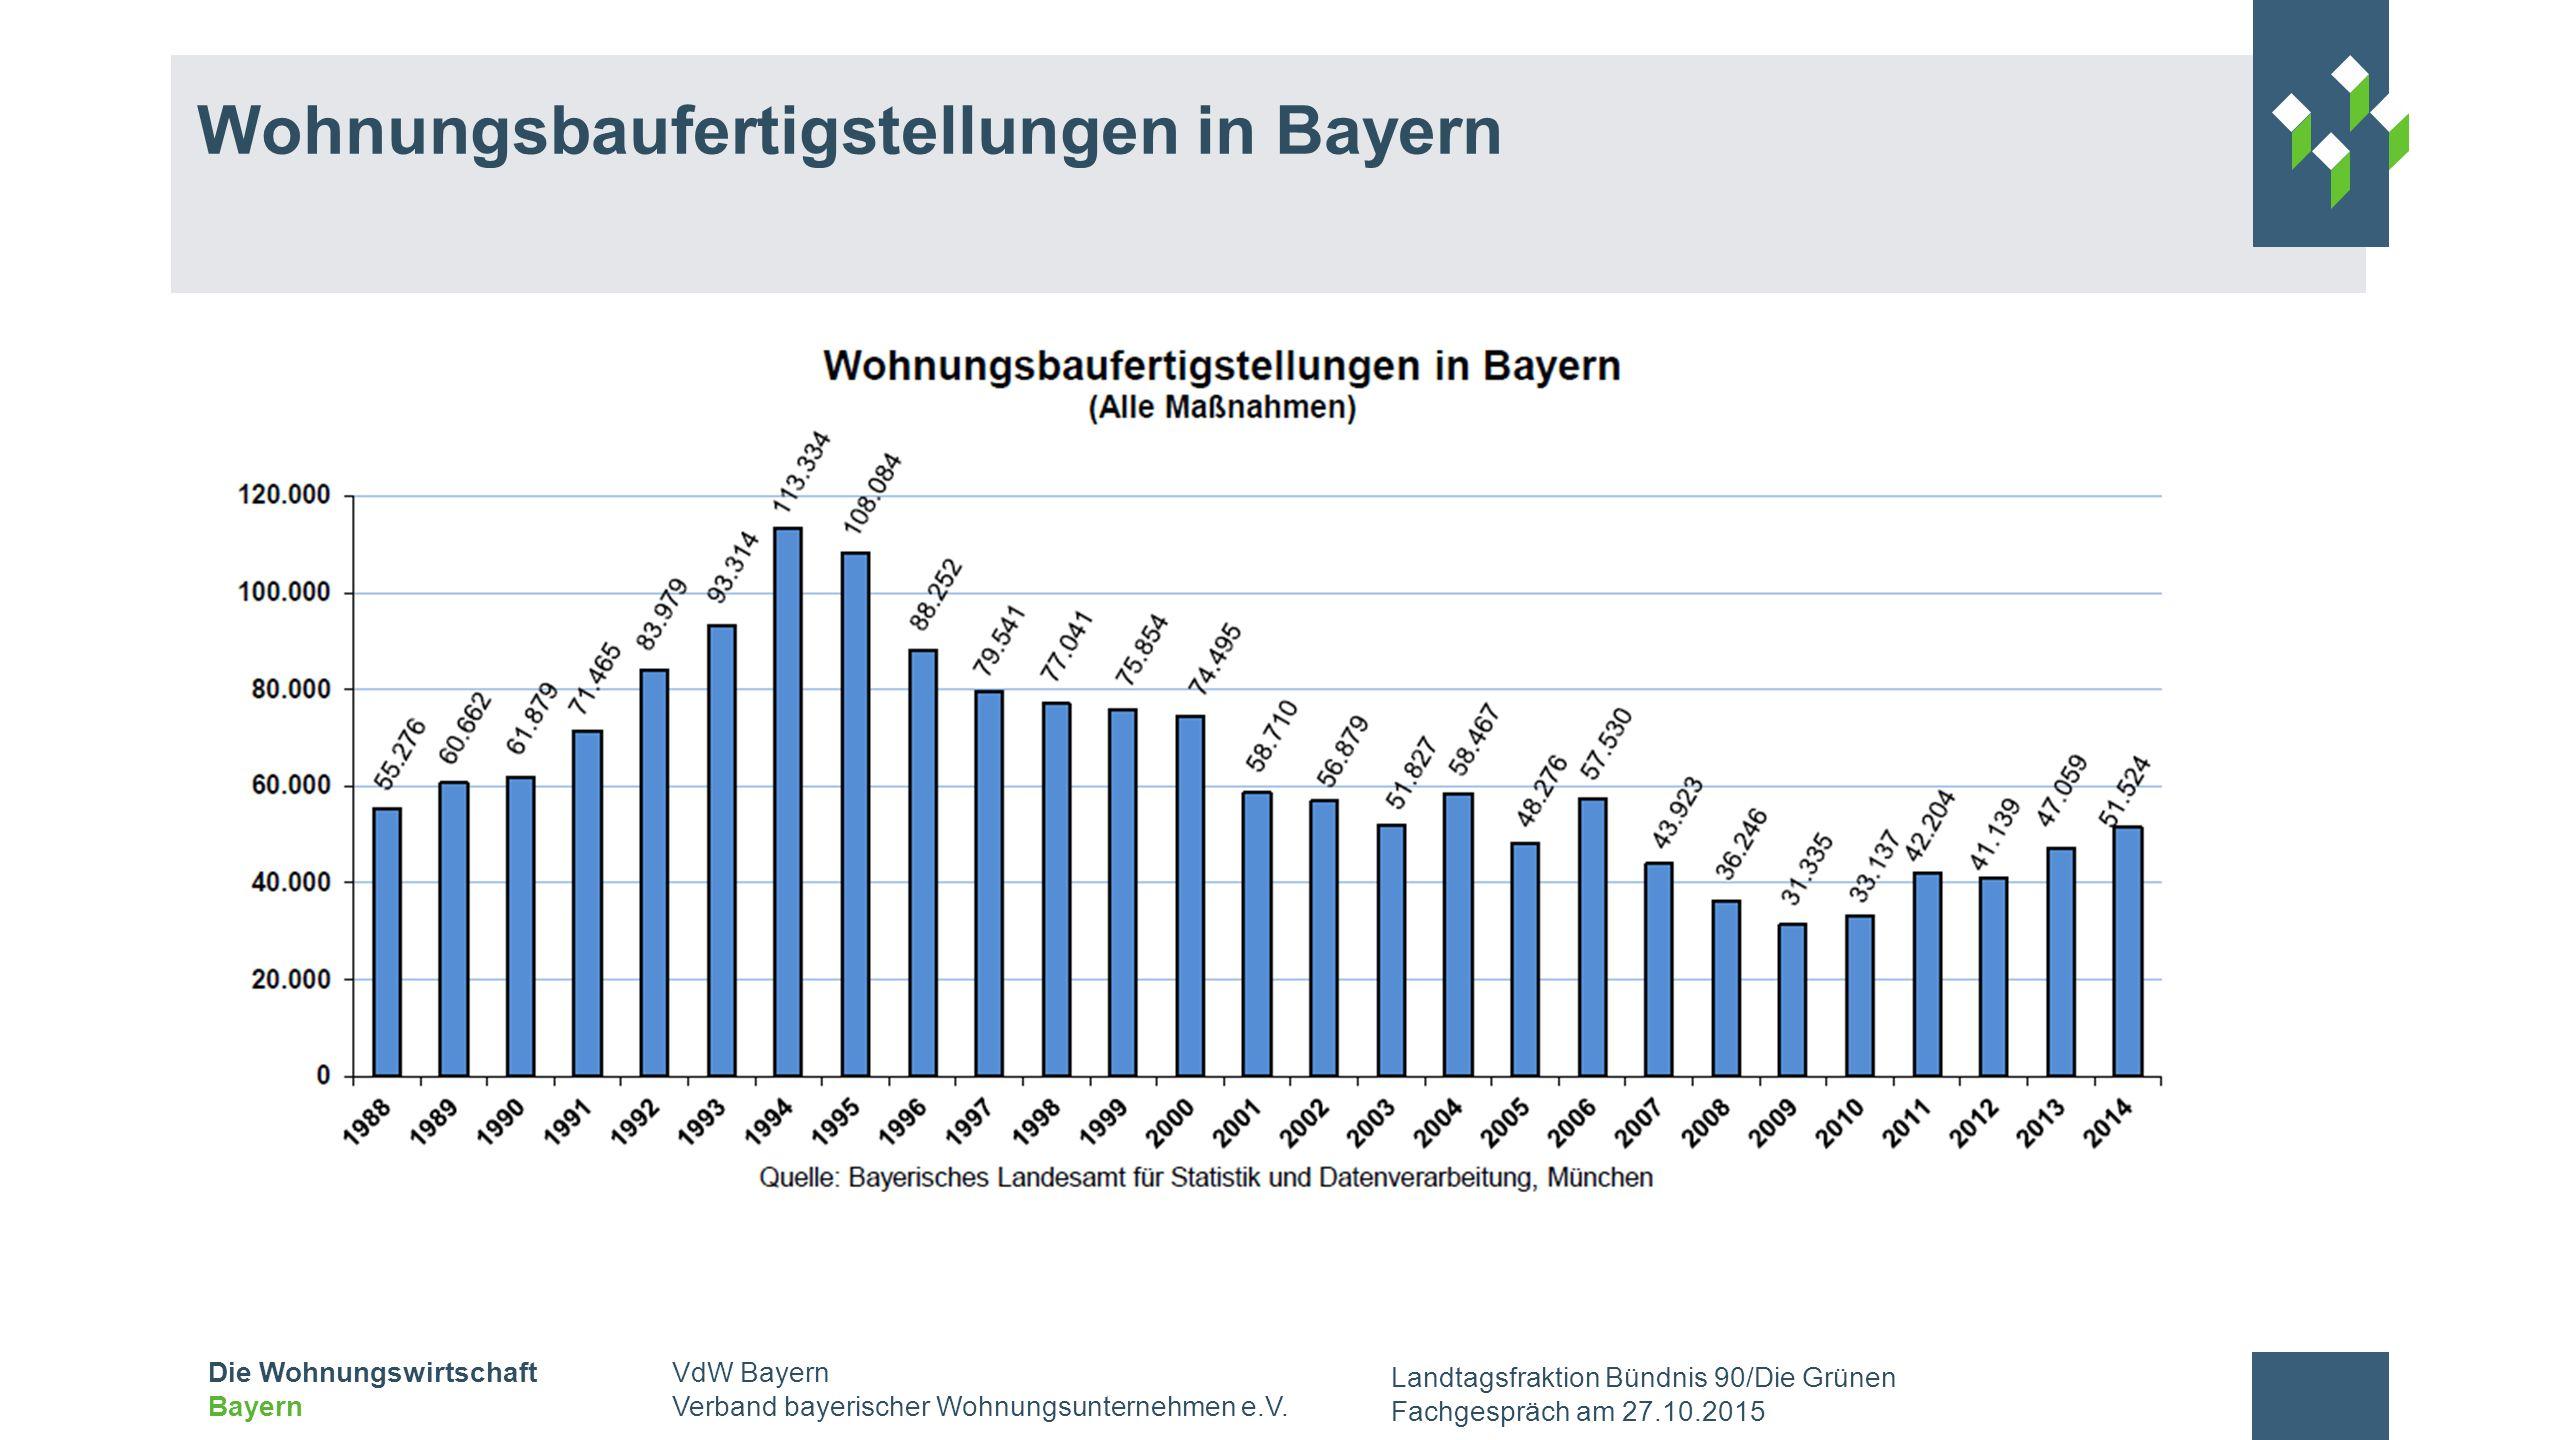 Wohnungsbaufertigstellungen in Bayern